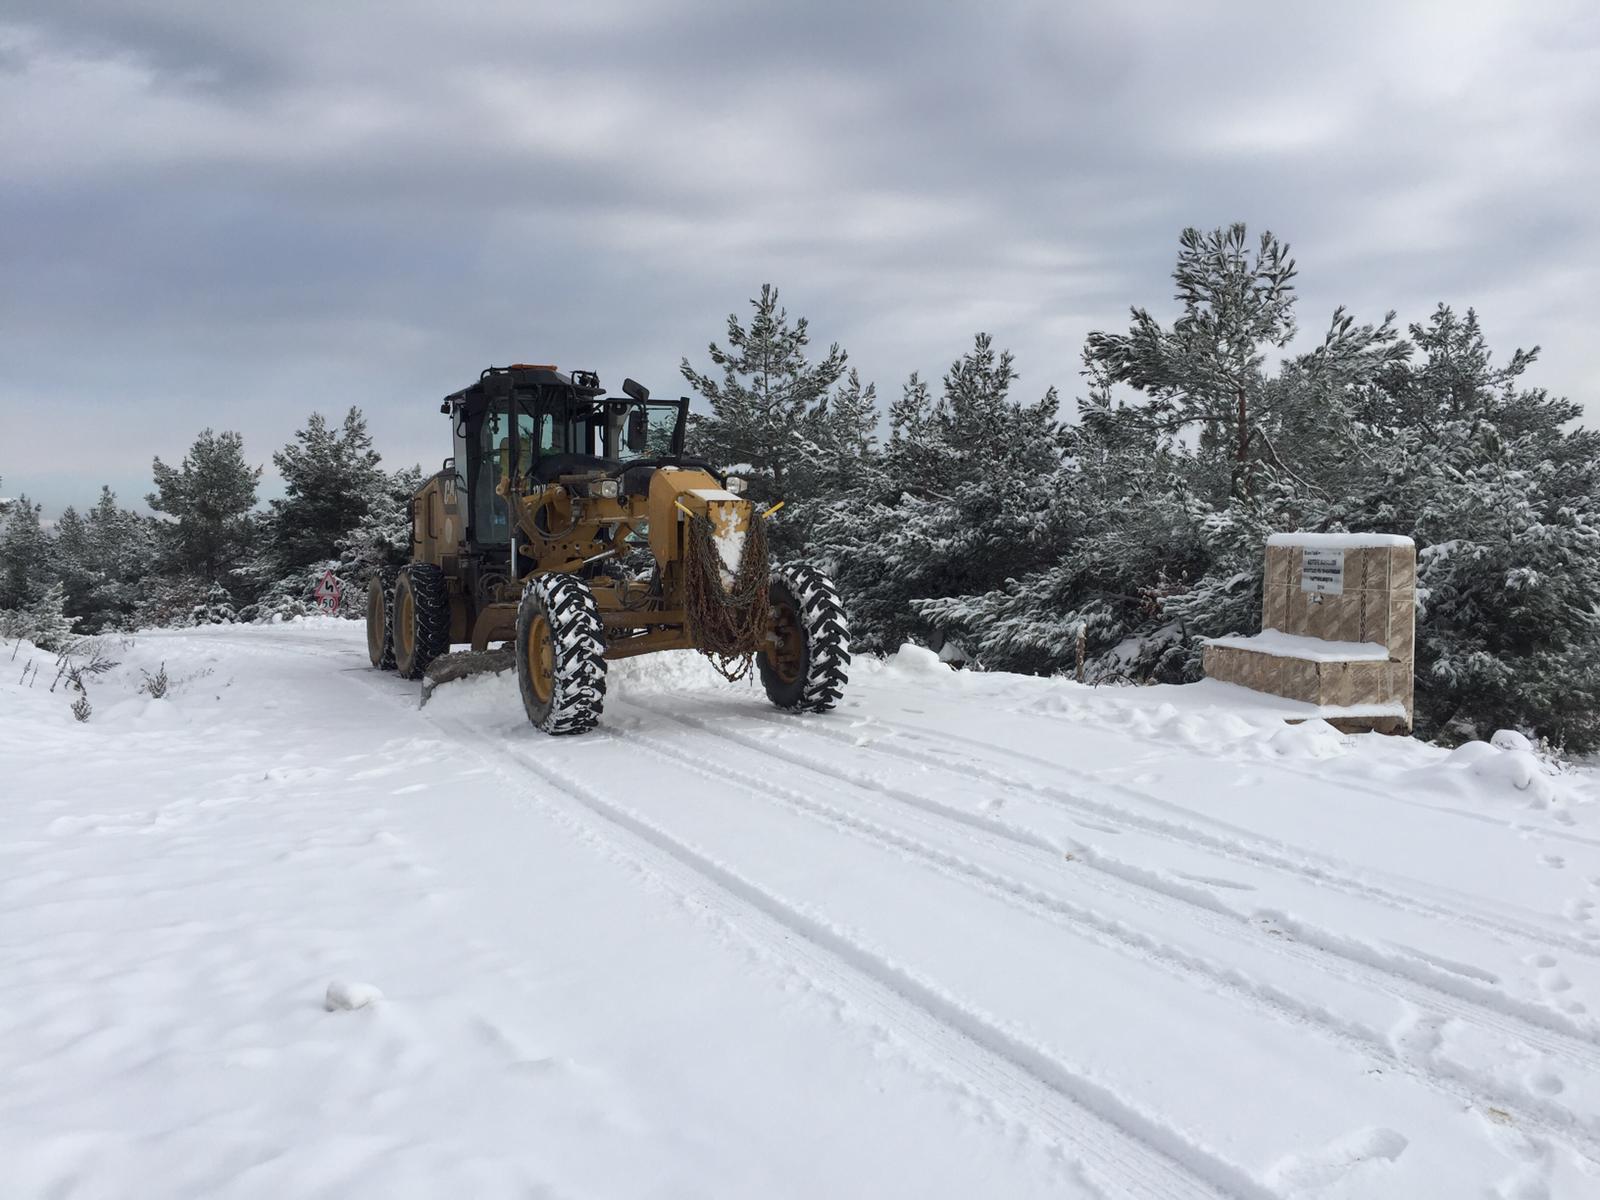 Fen İşleri Müdürlüğüne bağlı ekiplerimiz, sabah saatlerinde özellikle kırsal mahallelerimizde etkili olan kar yağışı sebebiyle, vatandaşlarımızın mağdur olmamaları için çalışmalarına devam ediyor.